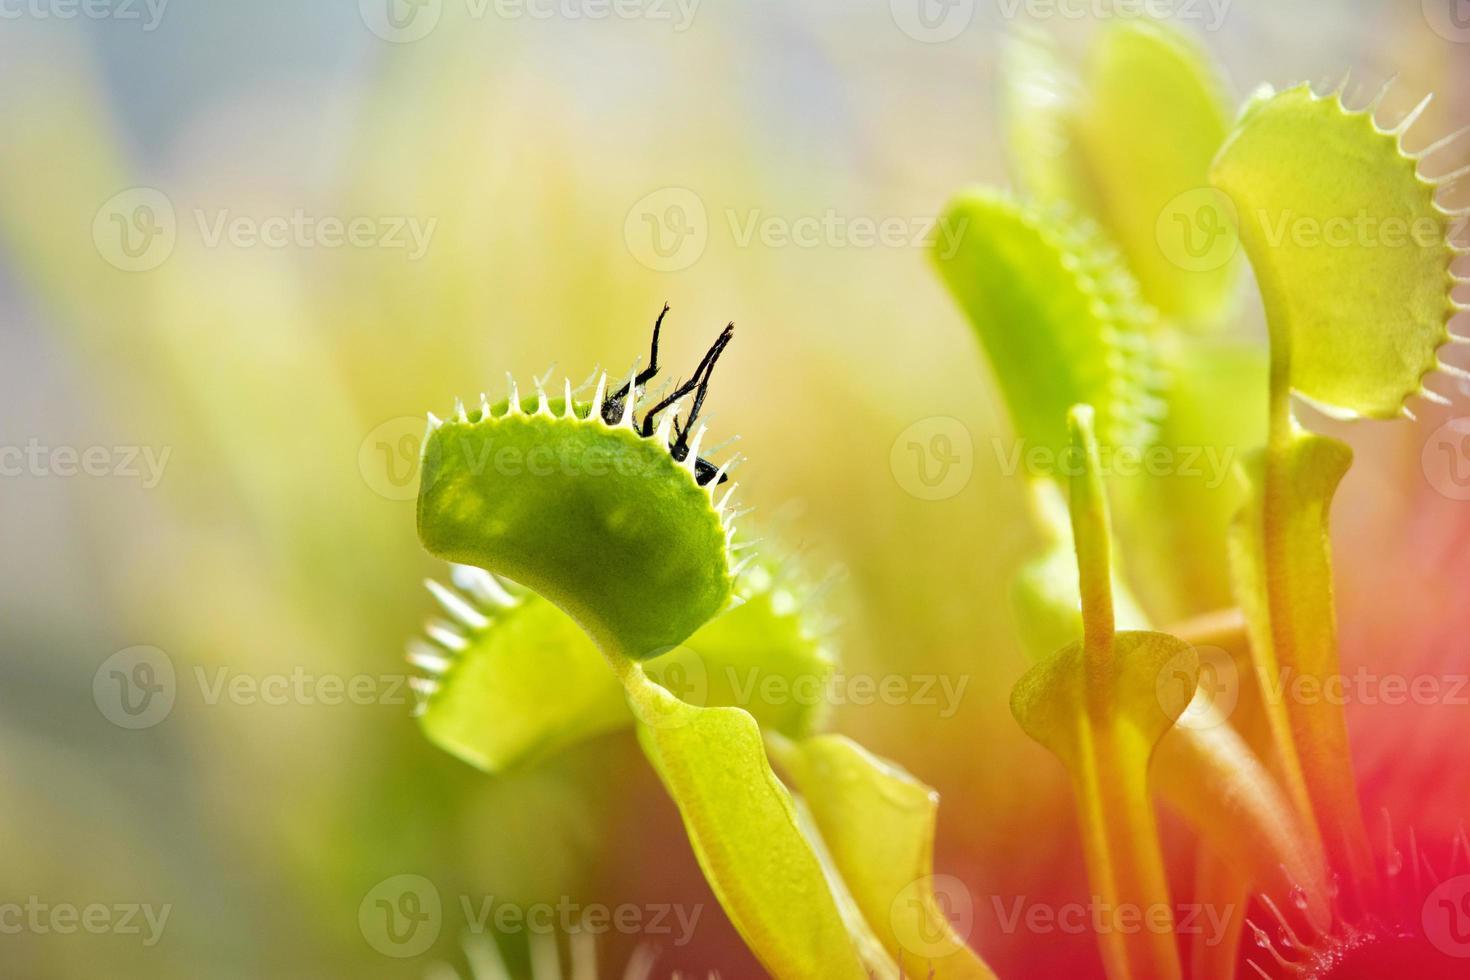 gros plan de vénus flytrap (dionaea muscipula) manger une mouche. photo